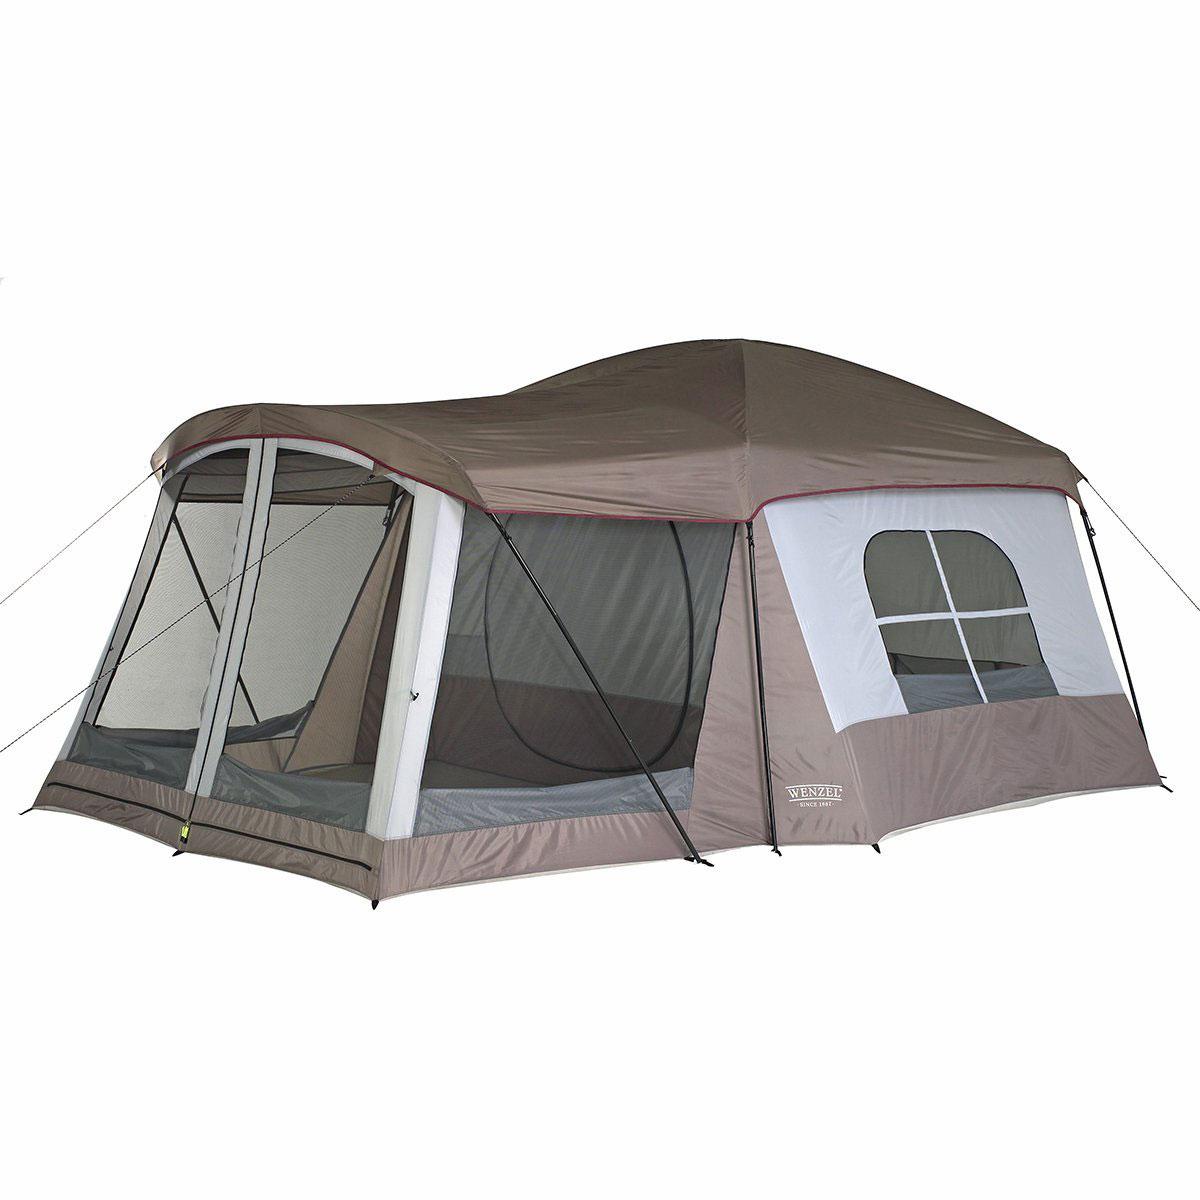 Wenzel Klondike 8 Person Cabin Family Tent